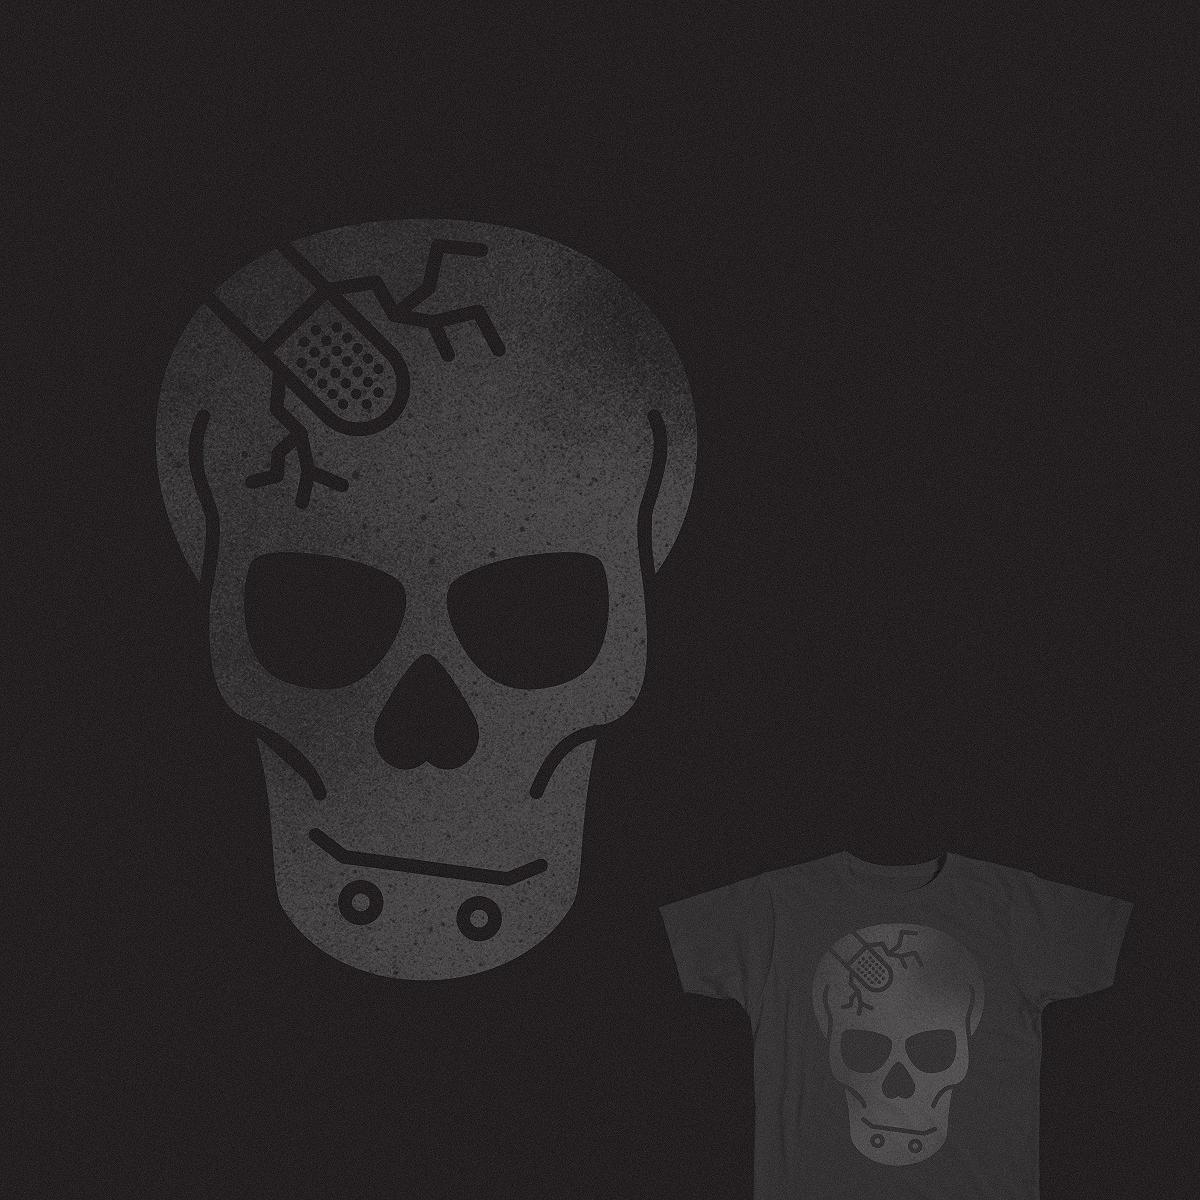 Skate or Die by HA9000 on Threadless